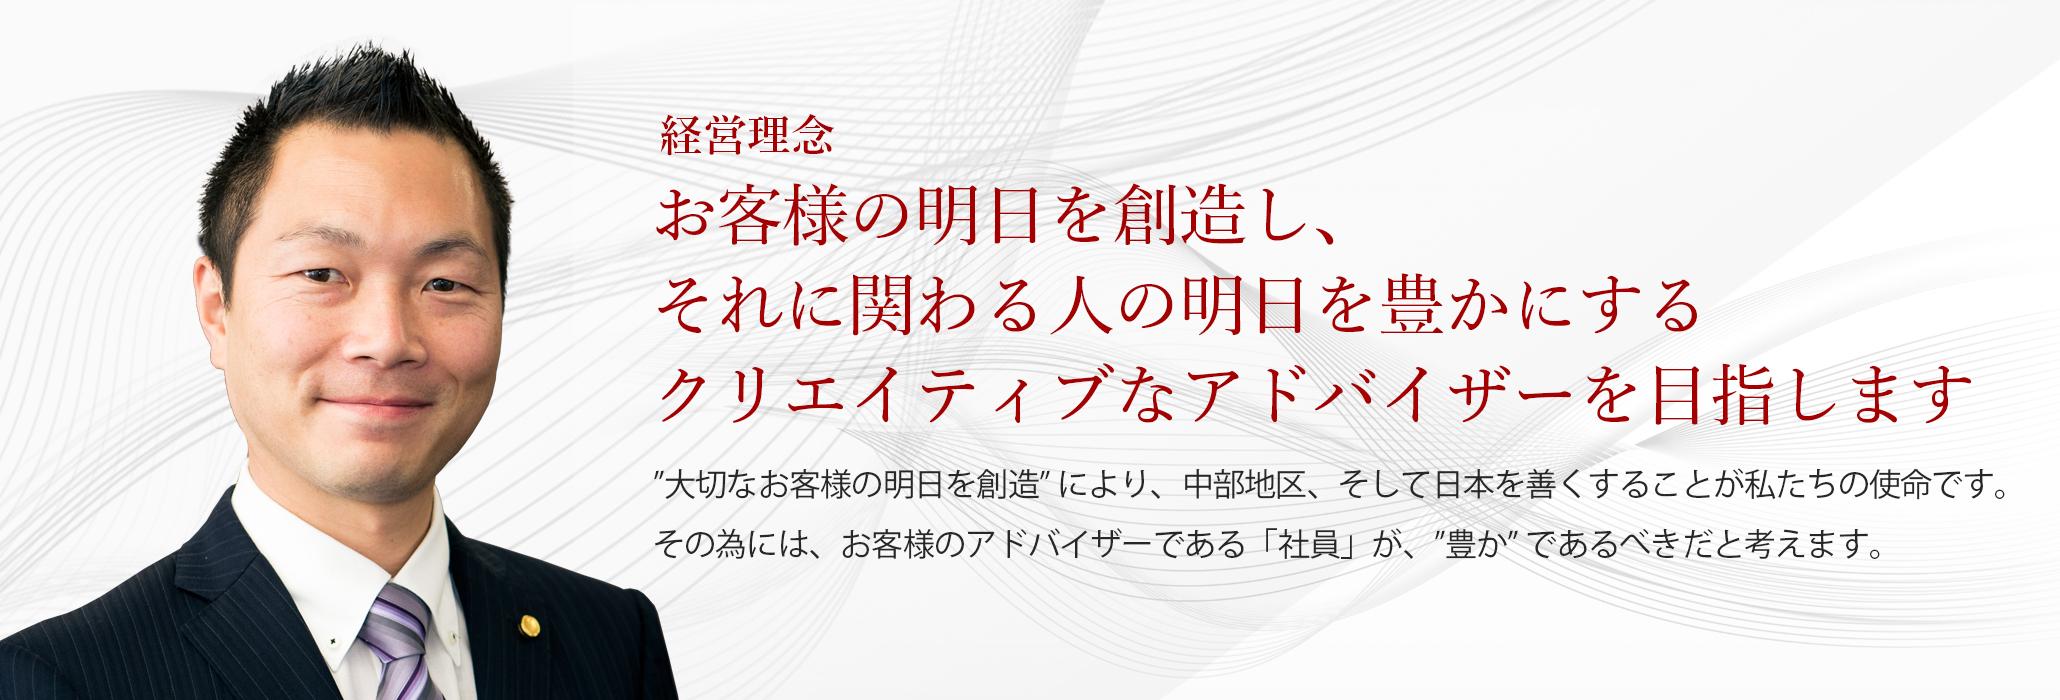 名古屋総合税理士法人 事業承継における様々な問題やコストを解決します。